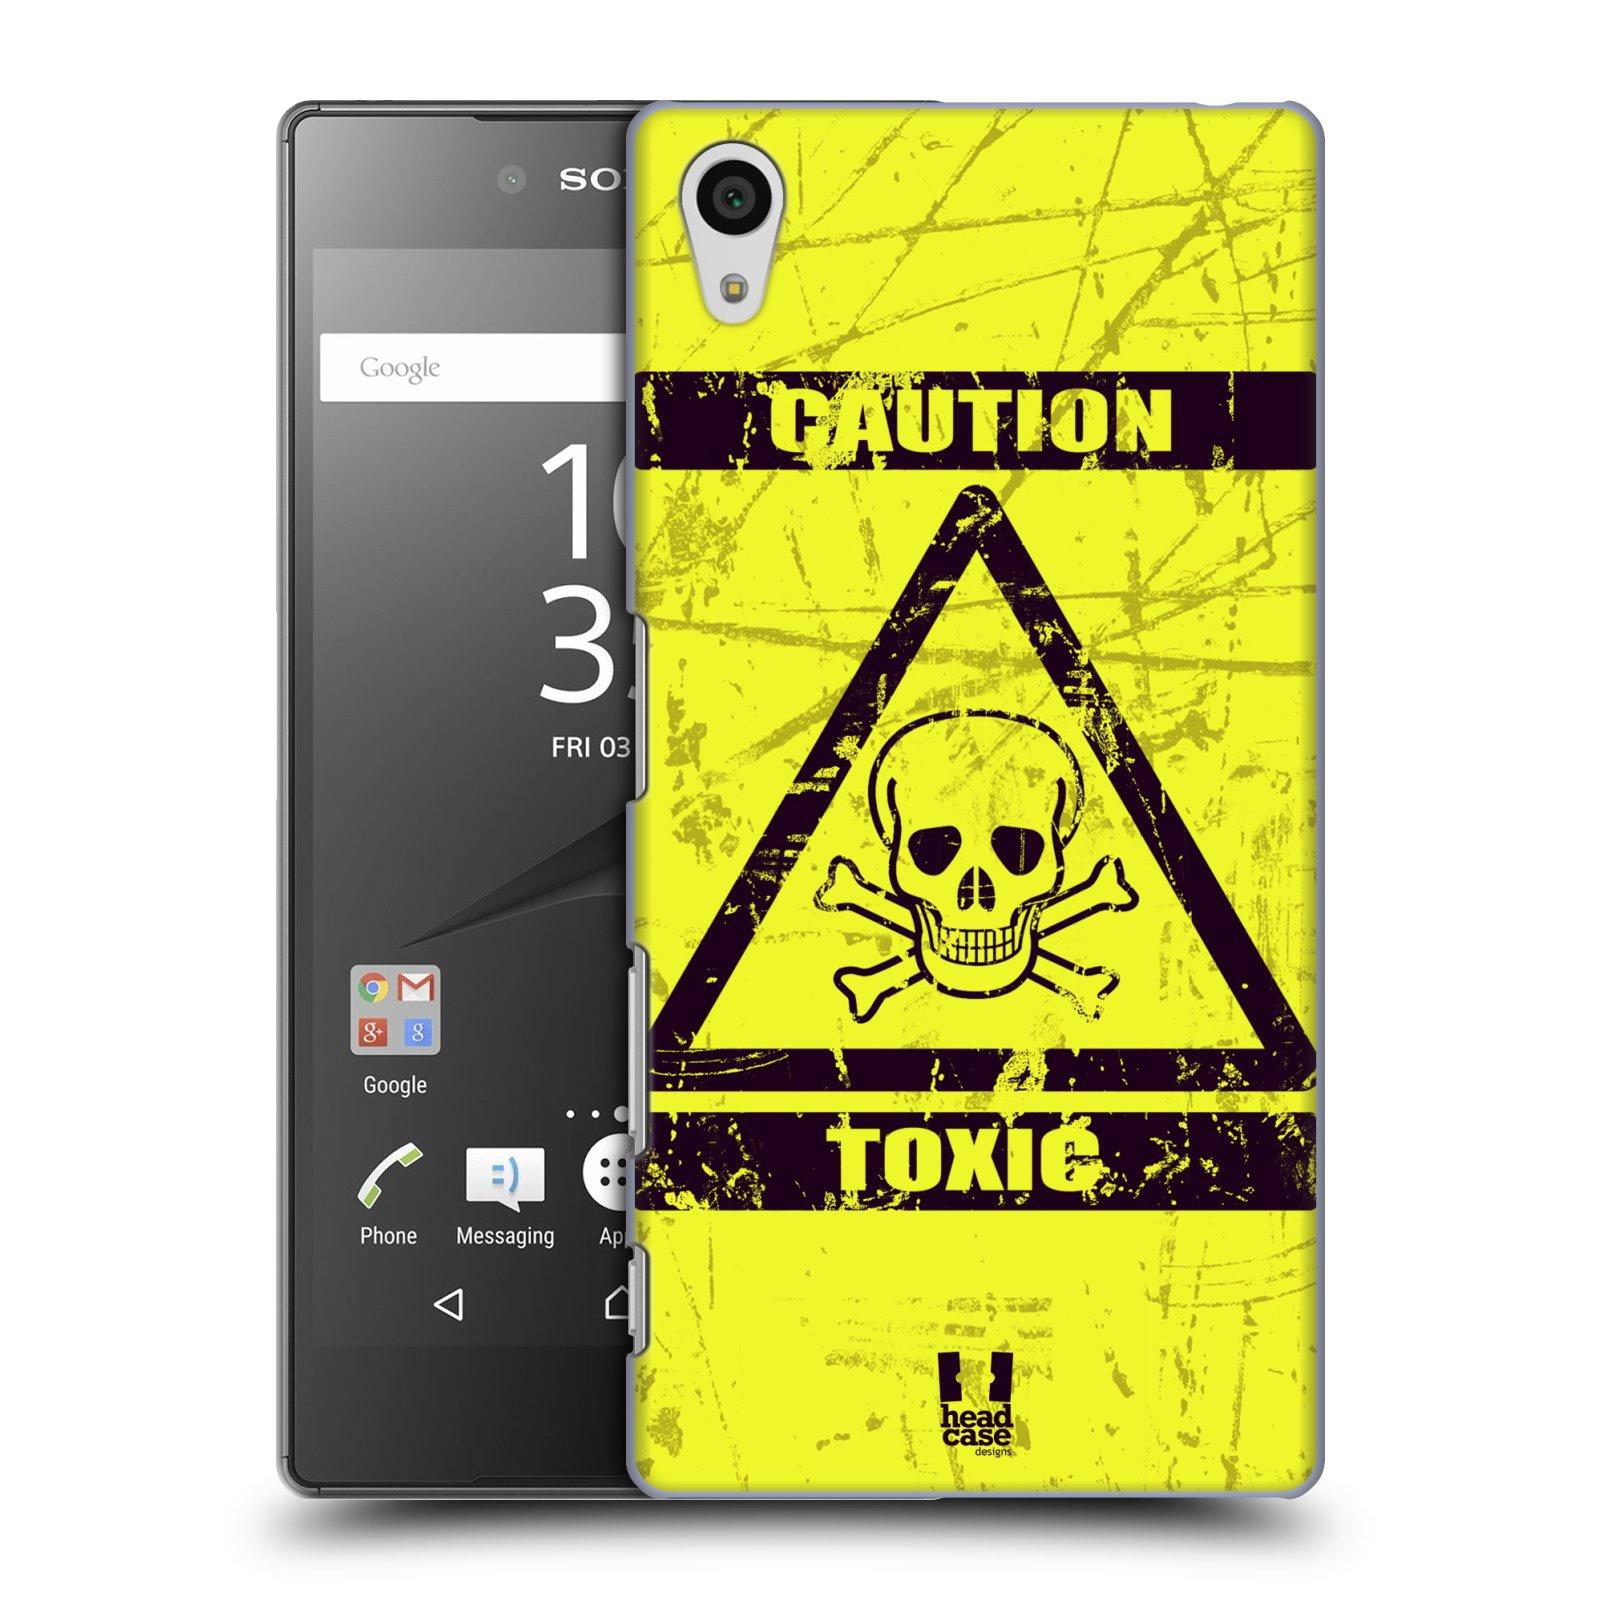 Plastové pouzdro na mobil Sony Xperia Z5 HEAD CASE TOXIC (Kryt či obal na mobilní telefon Sony Xperia Z5 E6653)